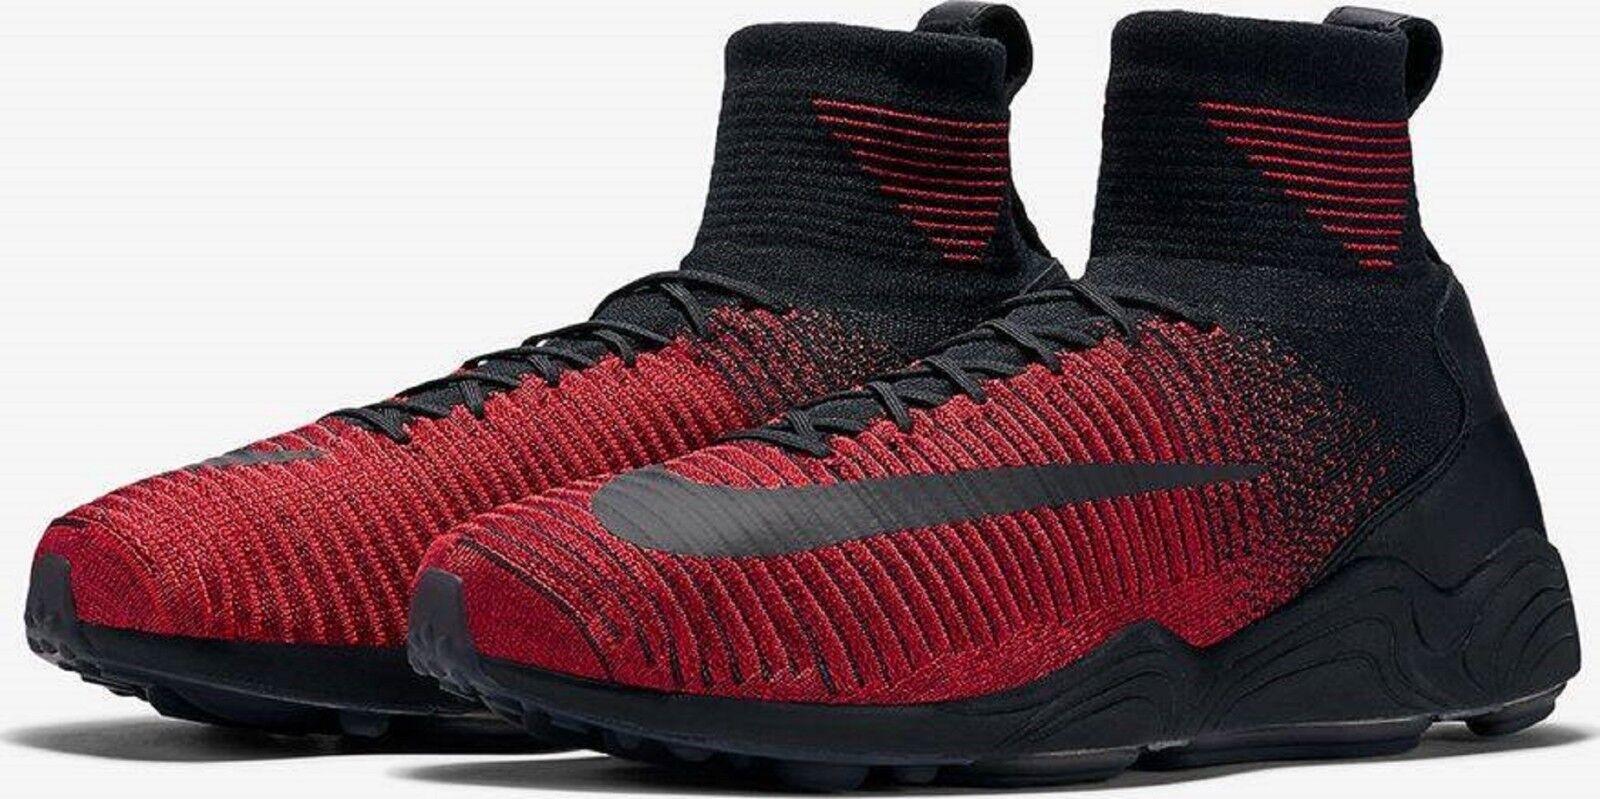 Taglia 12 nike zoom volubile xi fk e scarpe da ginnastica di colore rosso 852616 university